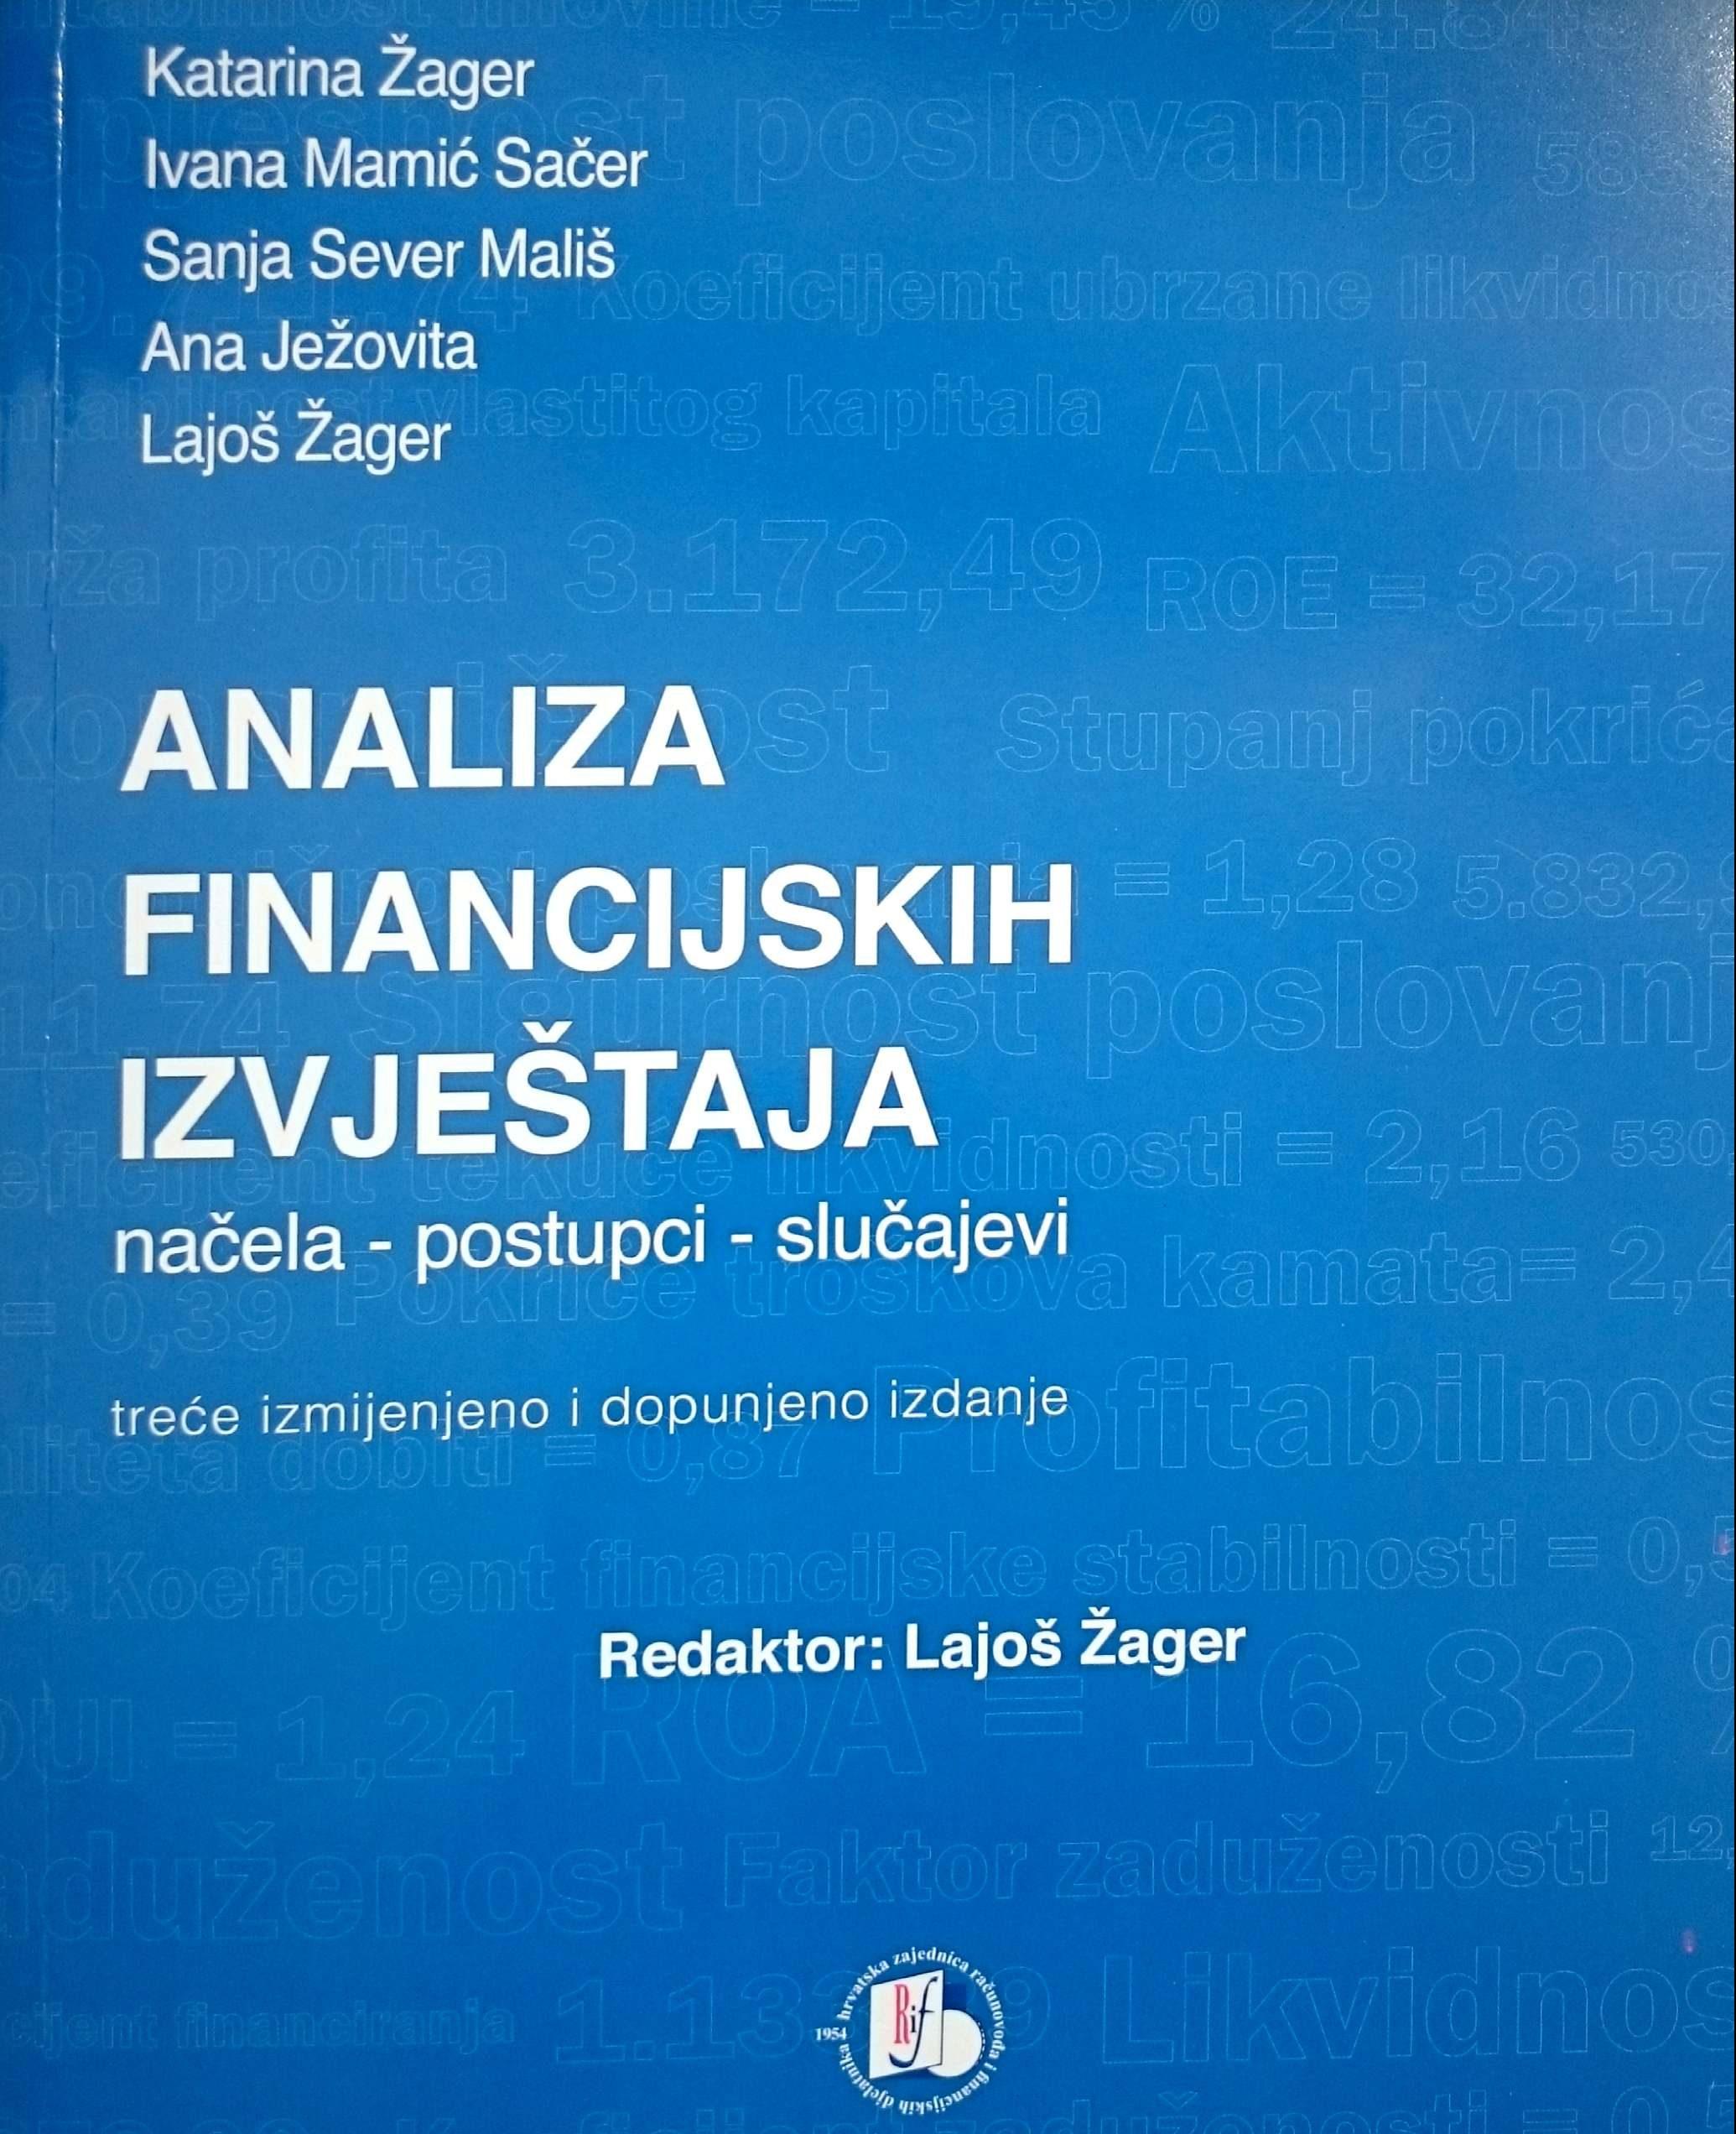 ANALIZA FINANCIJSKIH IZVJEŠTAJA, 3. izmijenjeno i dopunjeno izdanje - Naruči svoju knjigu